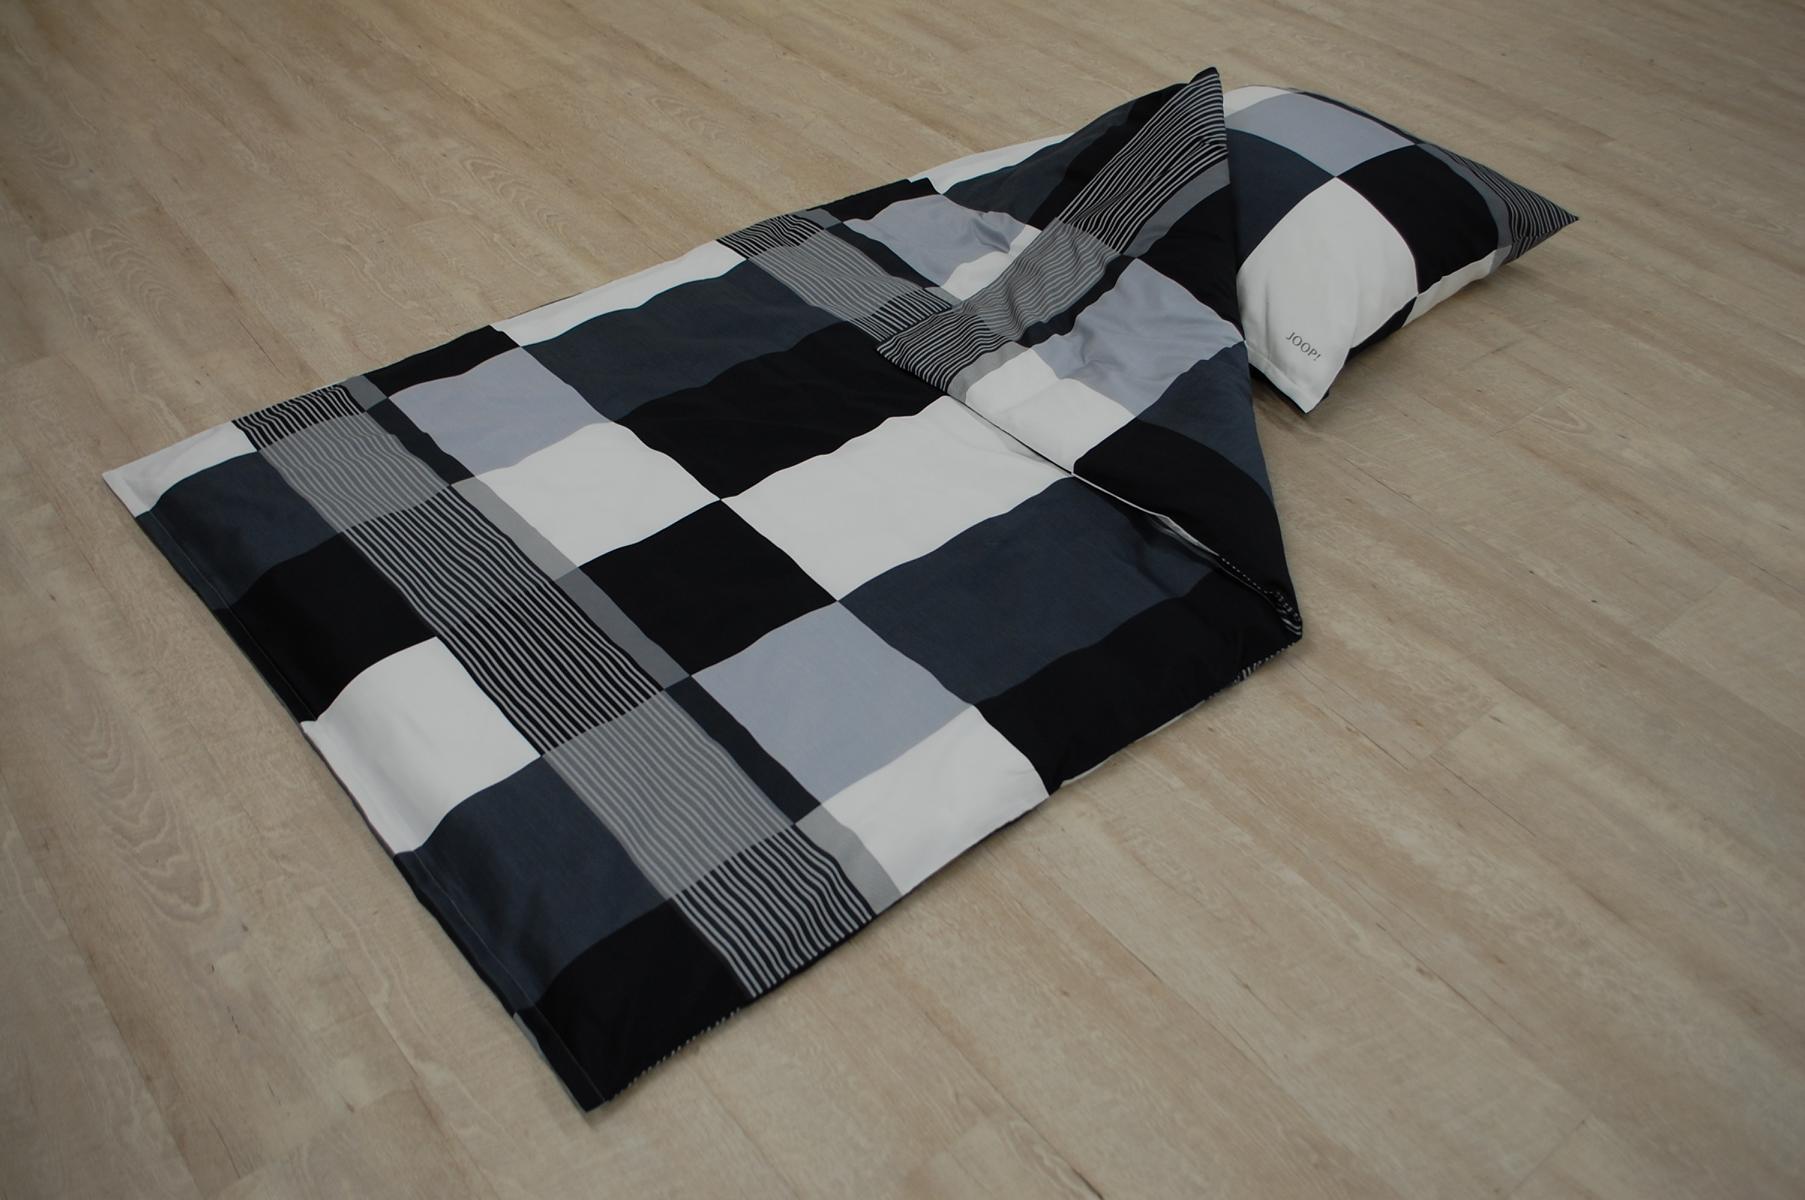 Joop Bettwäsche Plaza Squares 00 Schwarz Weiß 2 Teilig 155x220cm